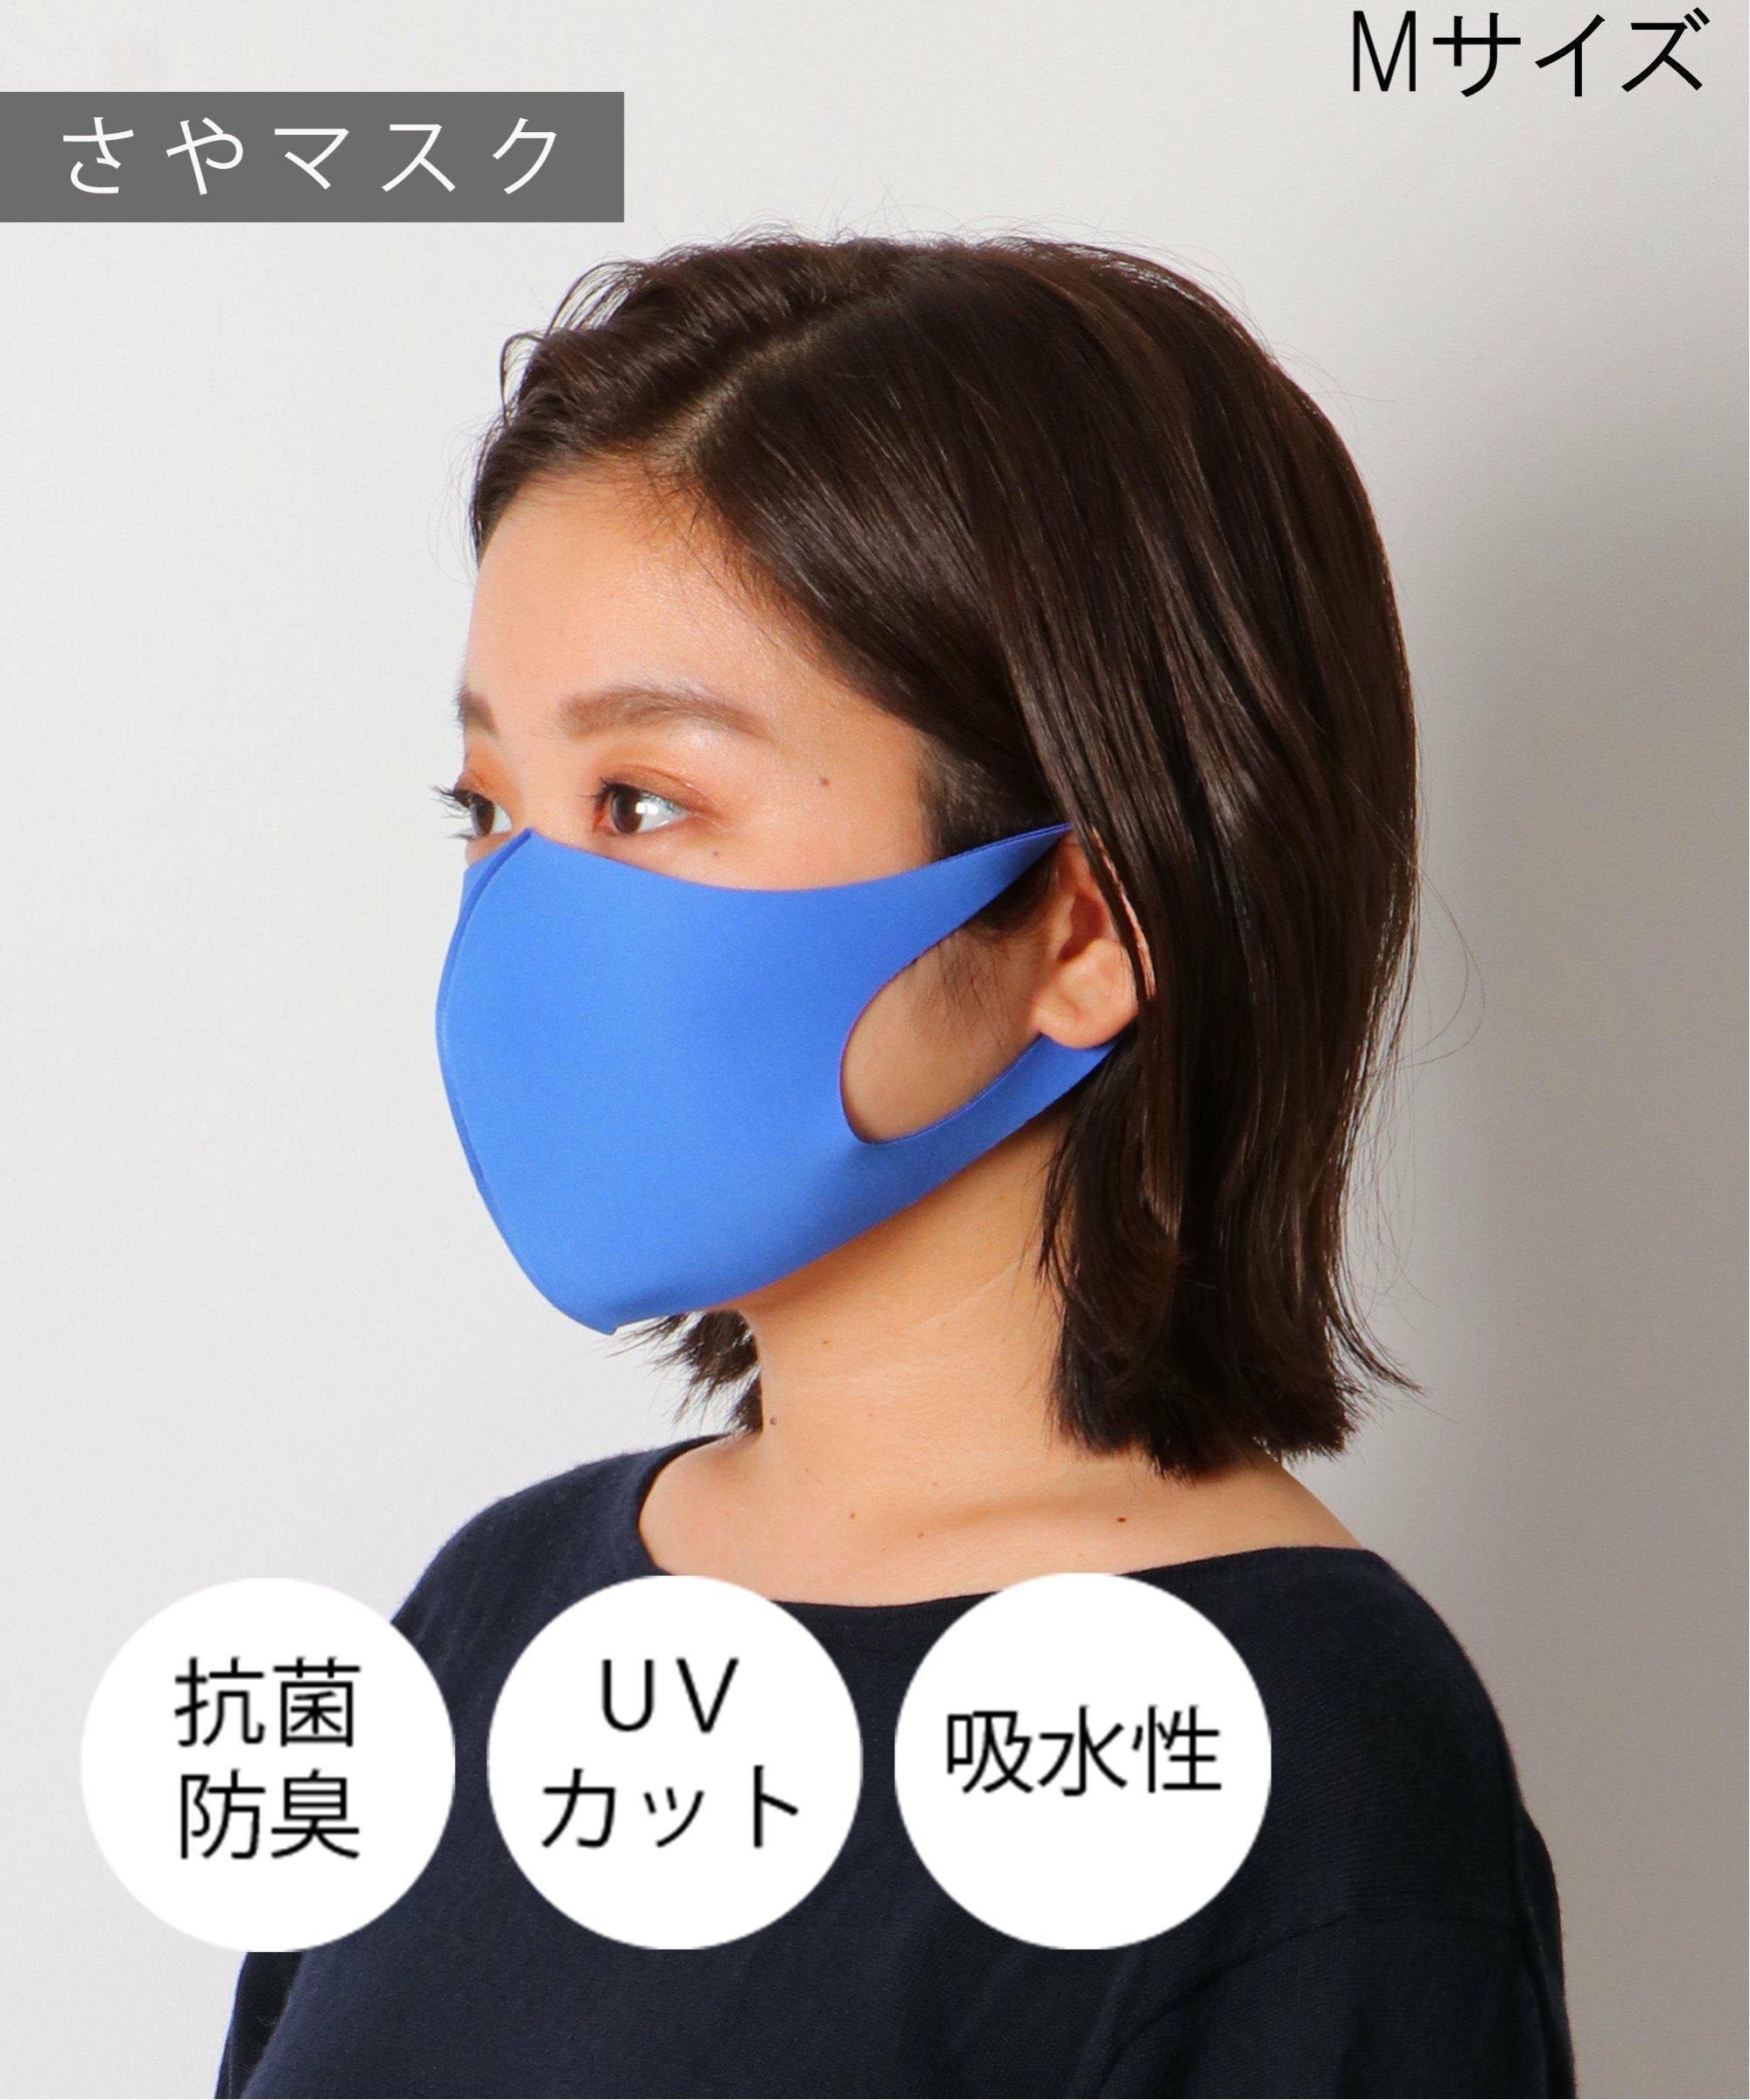 【おとな用】 清マスク(さやマスク) ブルー